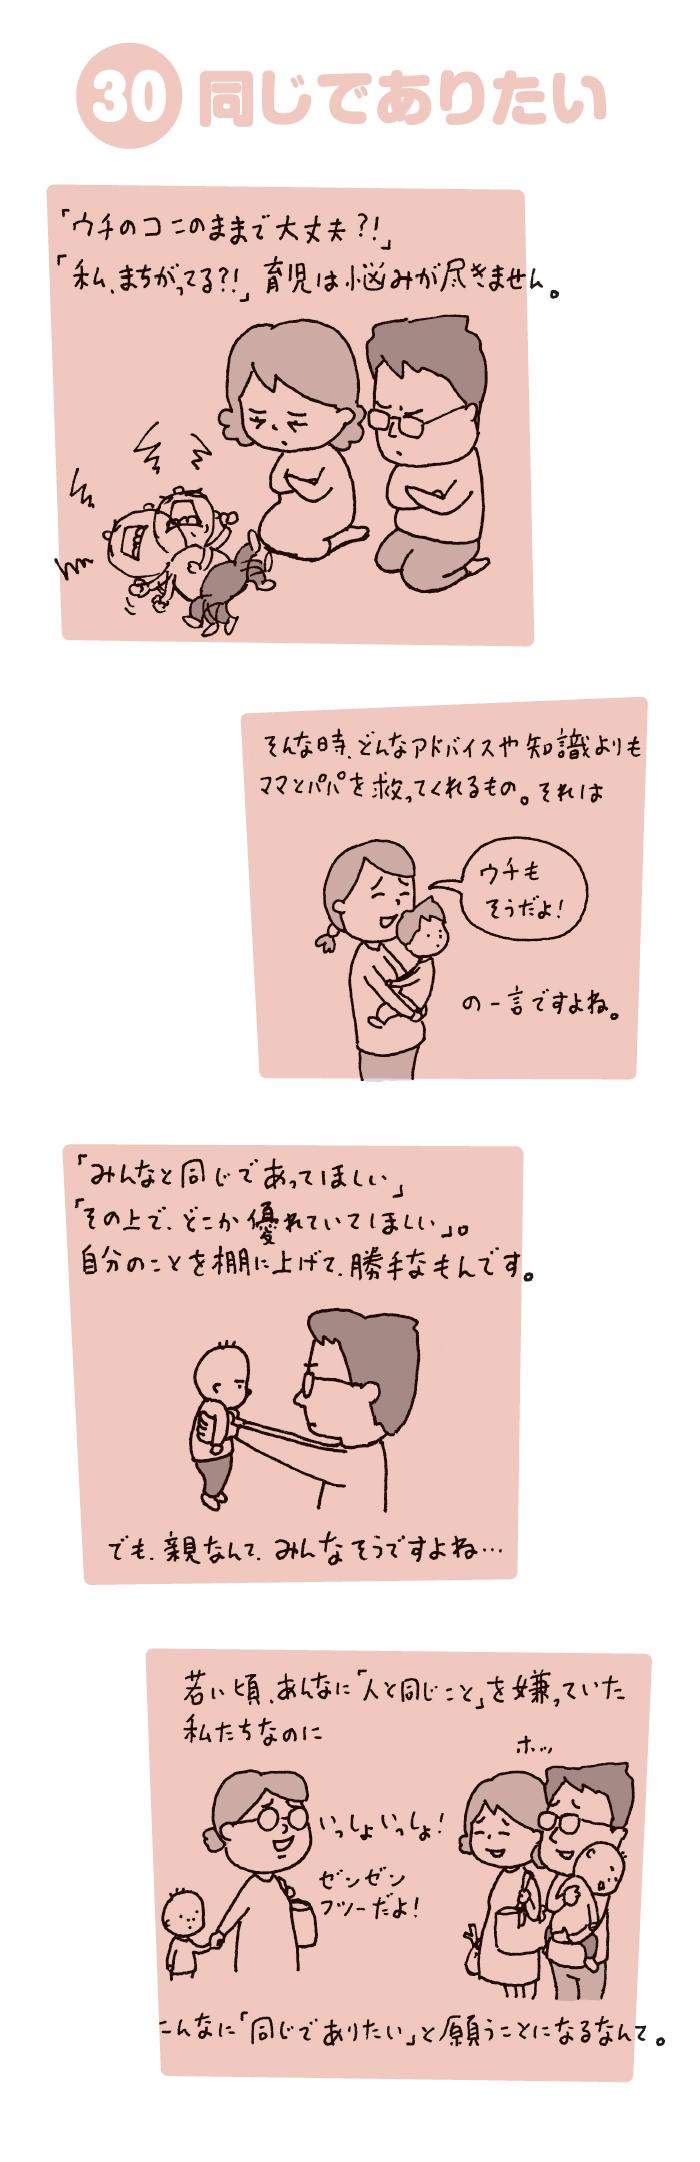 「親になるという事は…?」斬新な視点満載なヨシタケシンスケさんの育児マンガ!の画像3